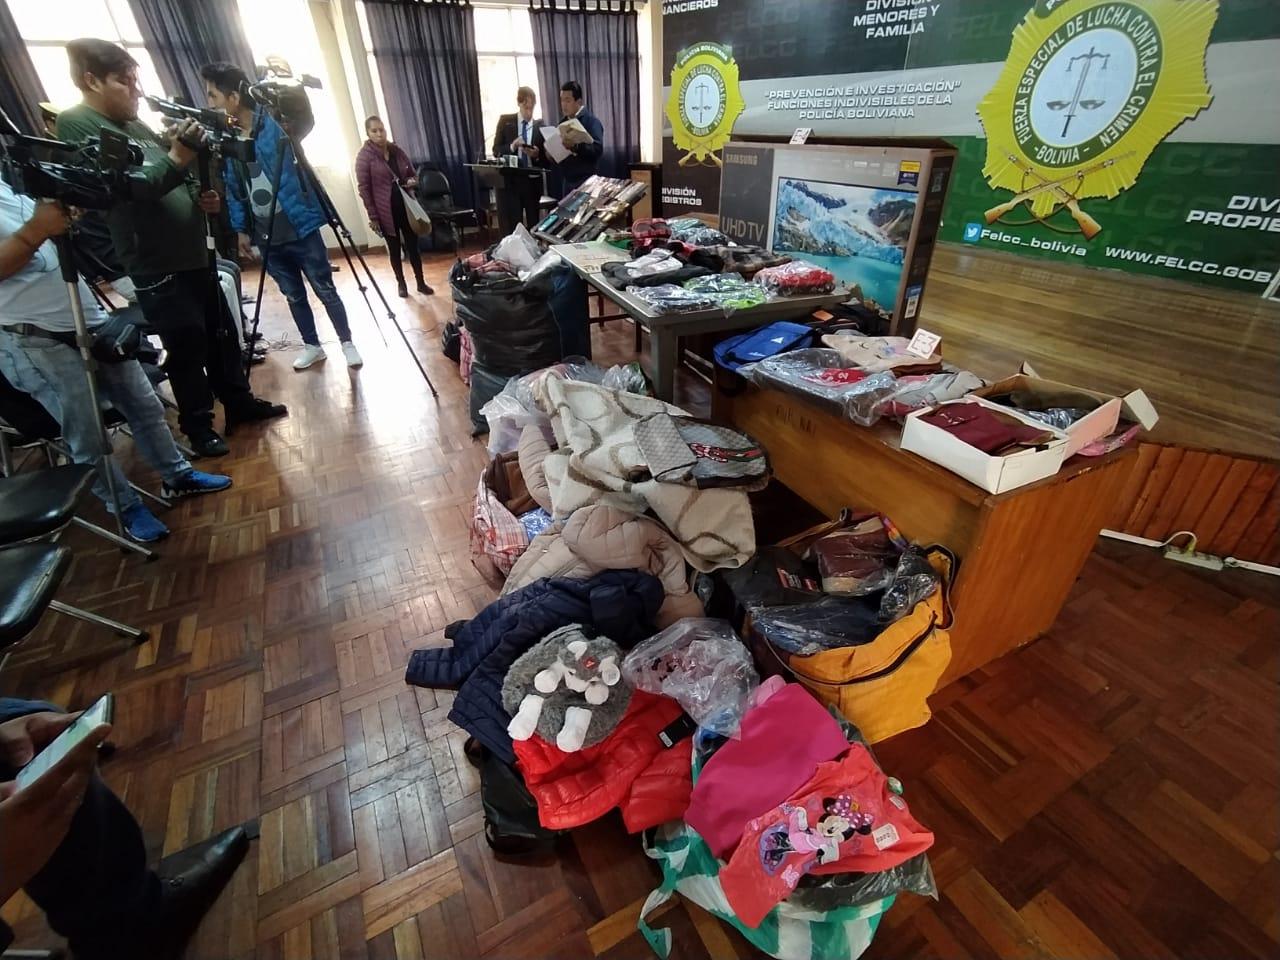 Se sospecha que la ropa hallada fue hurtada en centros comerciales populares / ÁNGEL SALAZAR